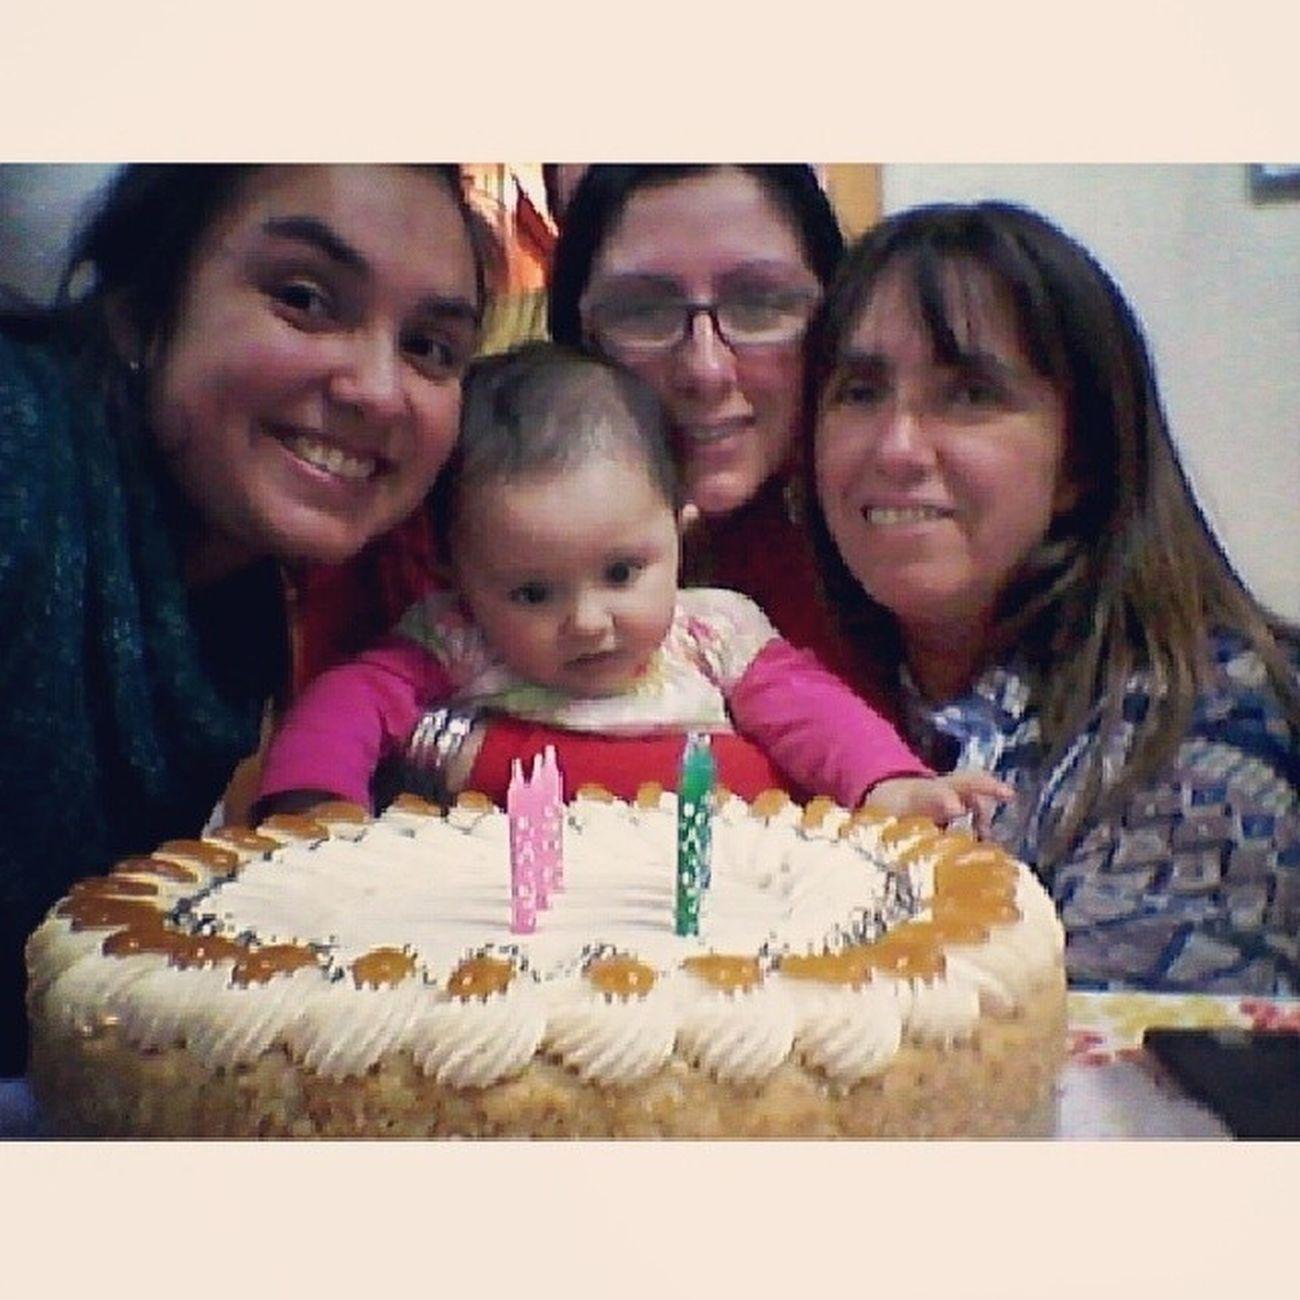 todas posando y la Pacita pegada a la torta♡ Instachile Nice Happybriday Mama Teamomamá